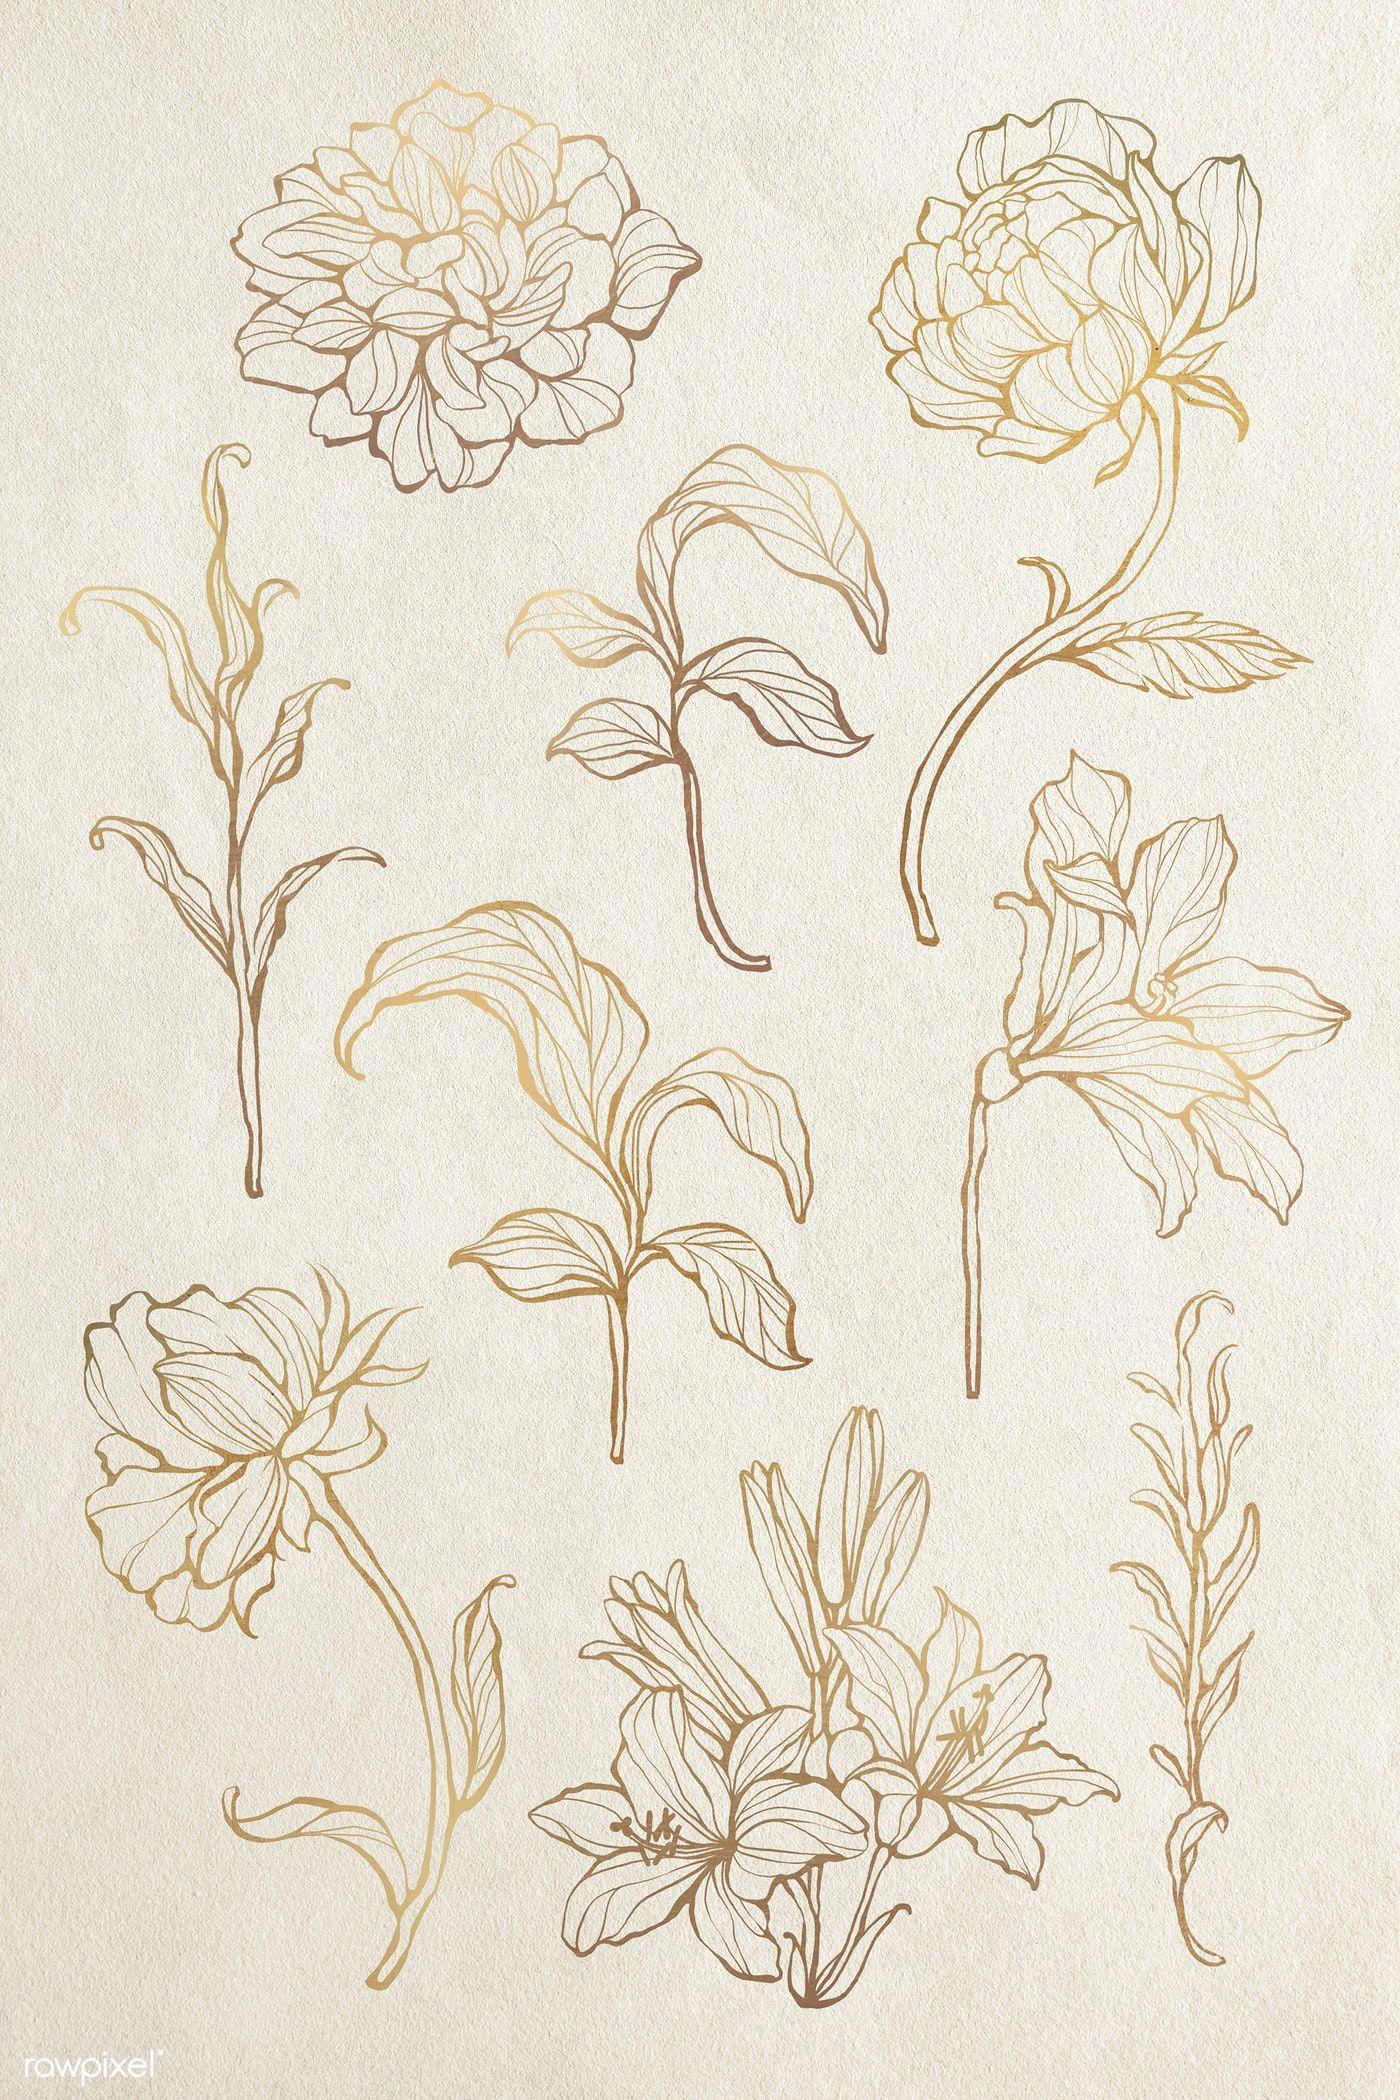 Download Premium Illustration Of Gold Floral Outline Set 2019696 Leaf Outline Flower Outline Line Art Flowers